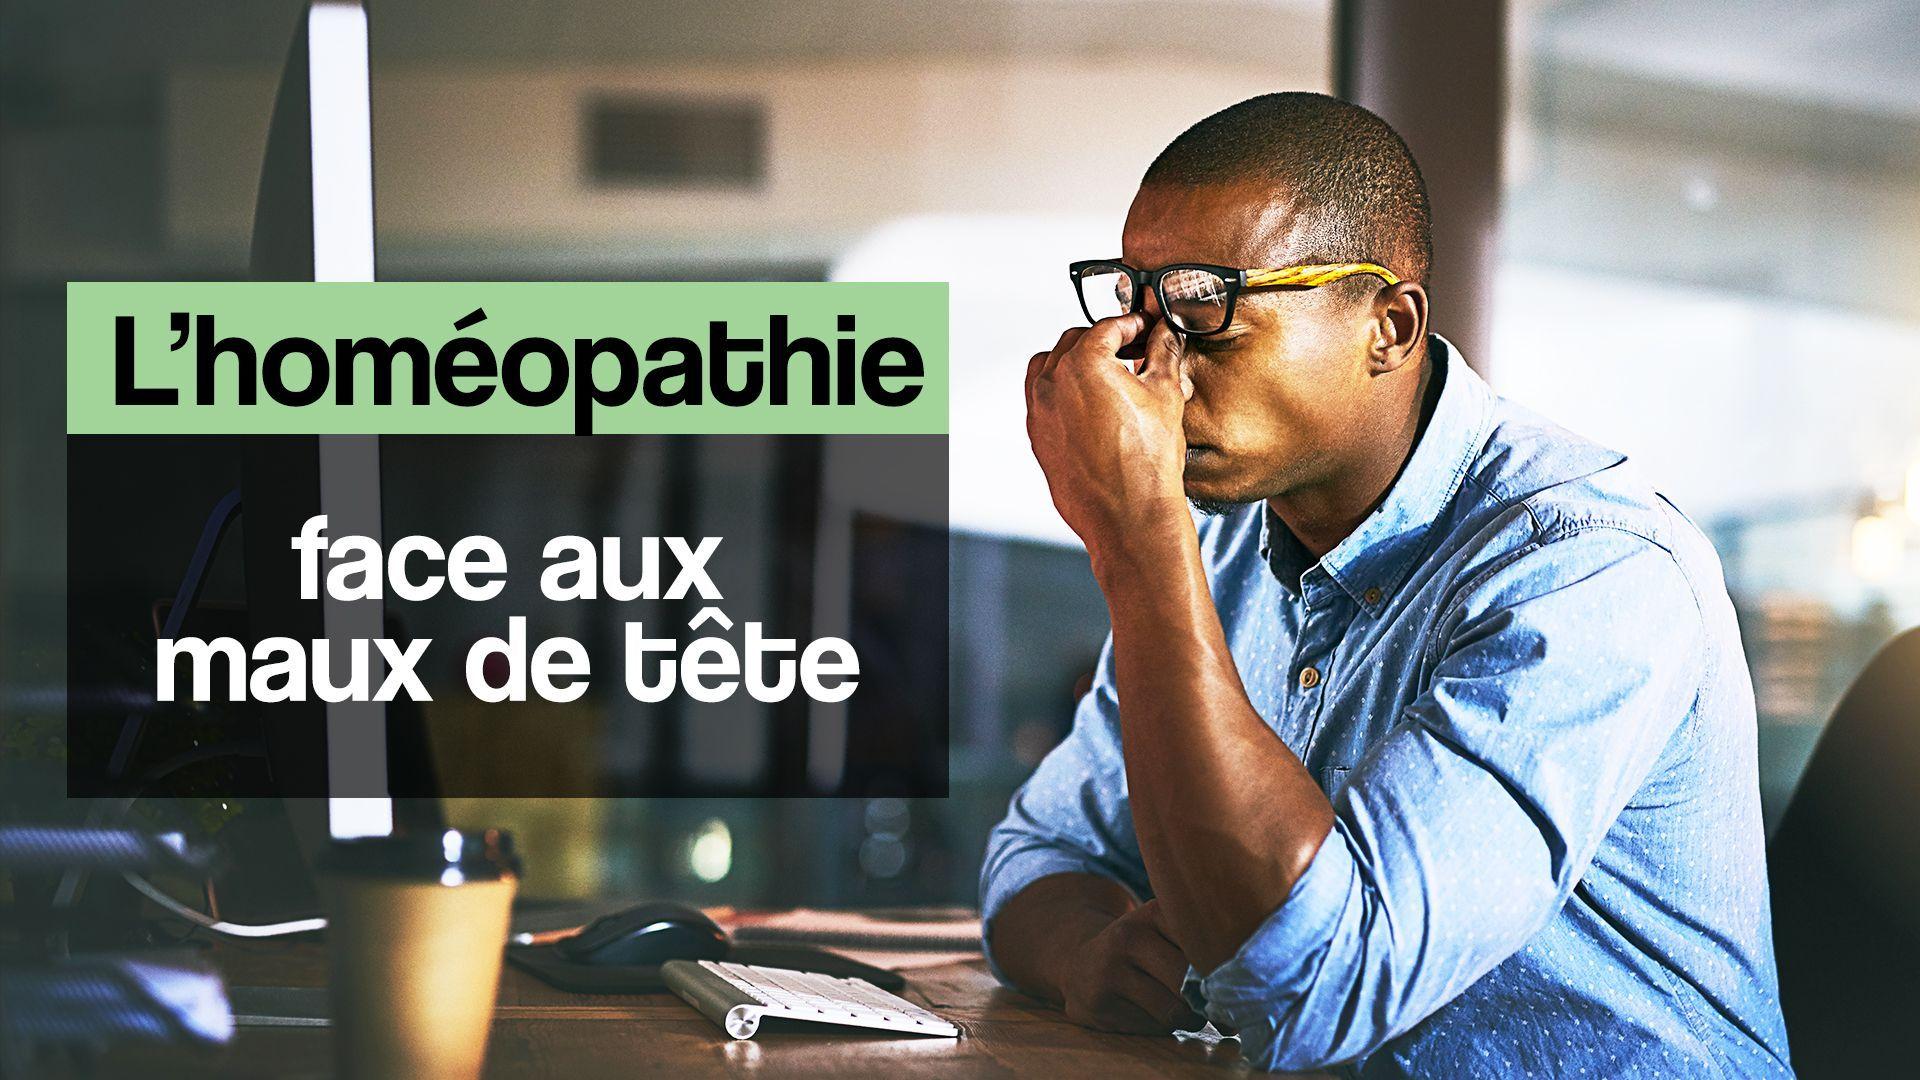 L'homéopathie face aux maux de tête